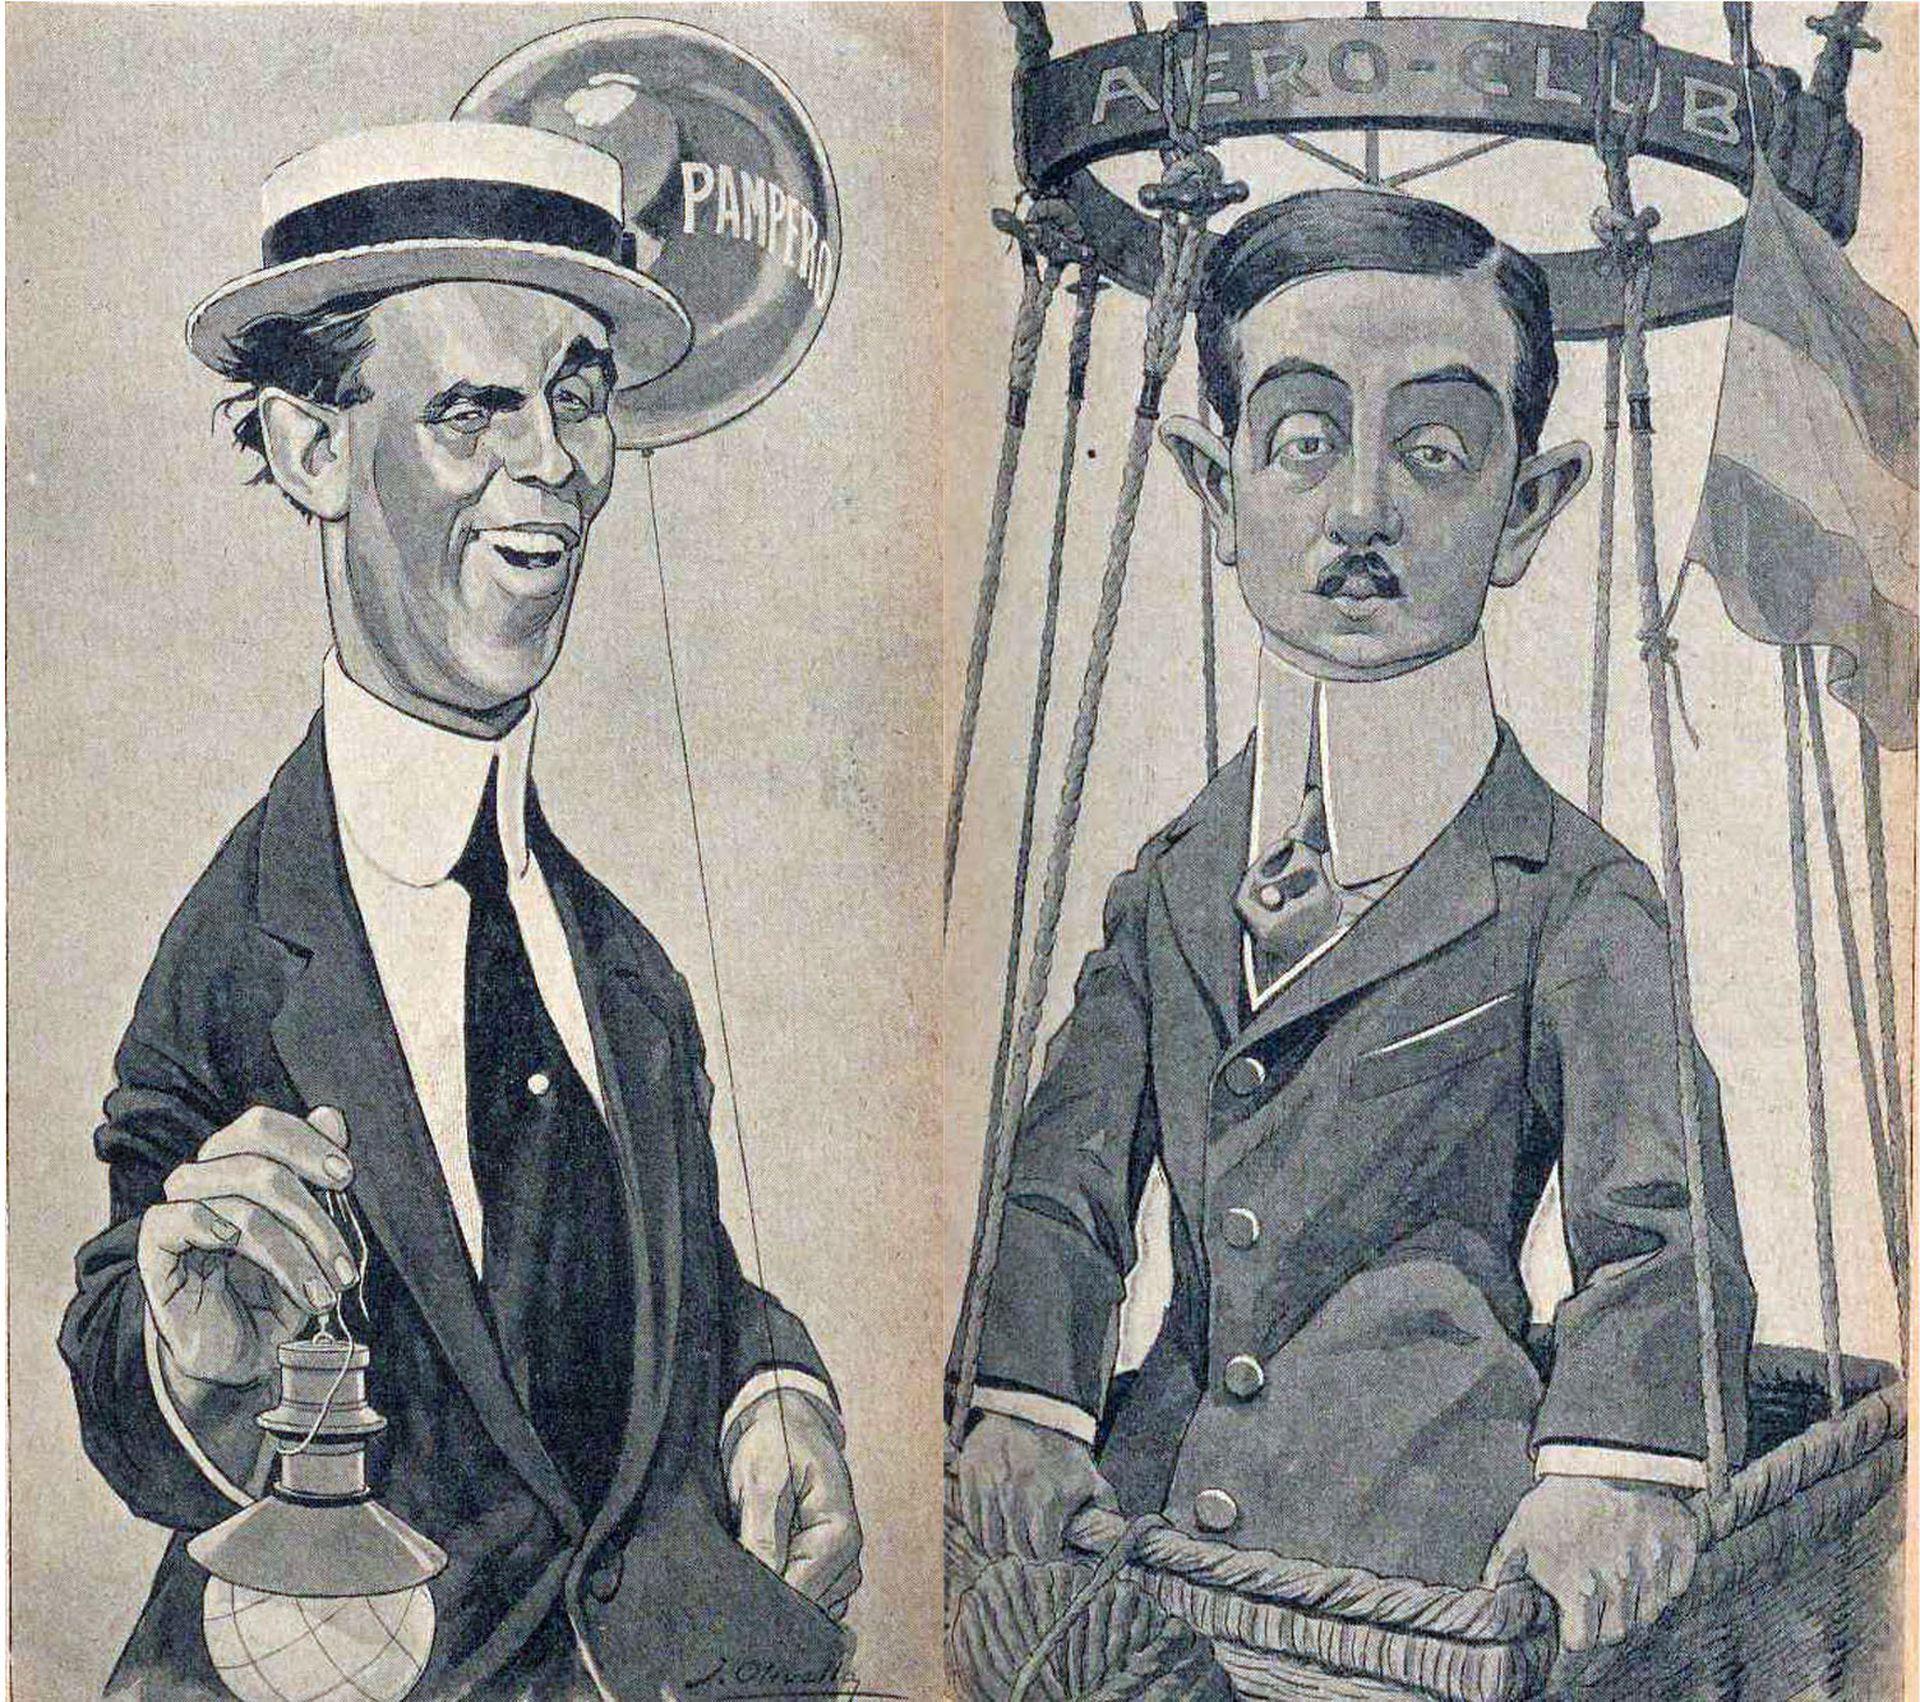 Caricaturas de Jorge Newbery y Aarón Anchorena, primeros pilotos del Pampero, publicados en la revista PBT.